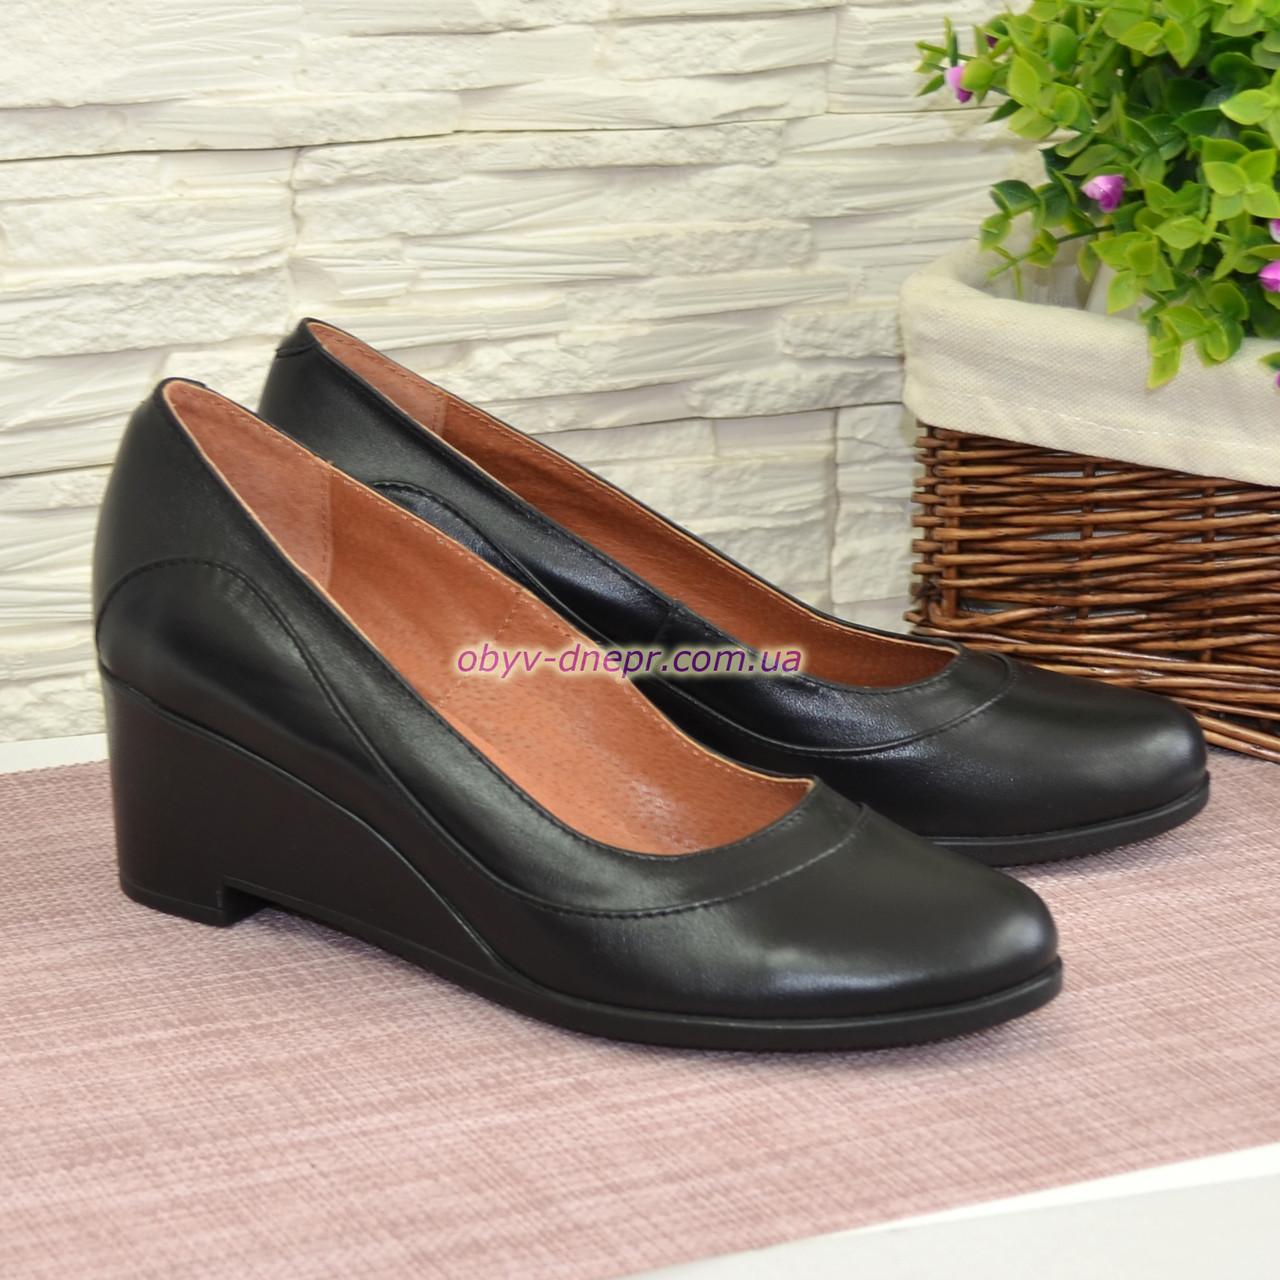 Женские кожаные туфли на невысокой устойчивой платформе, цвет черный